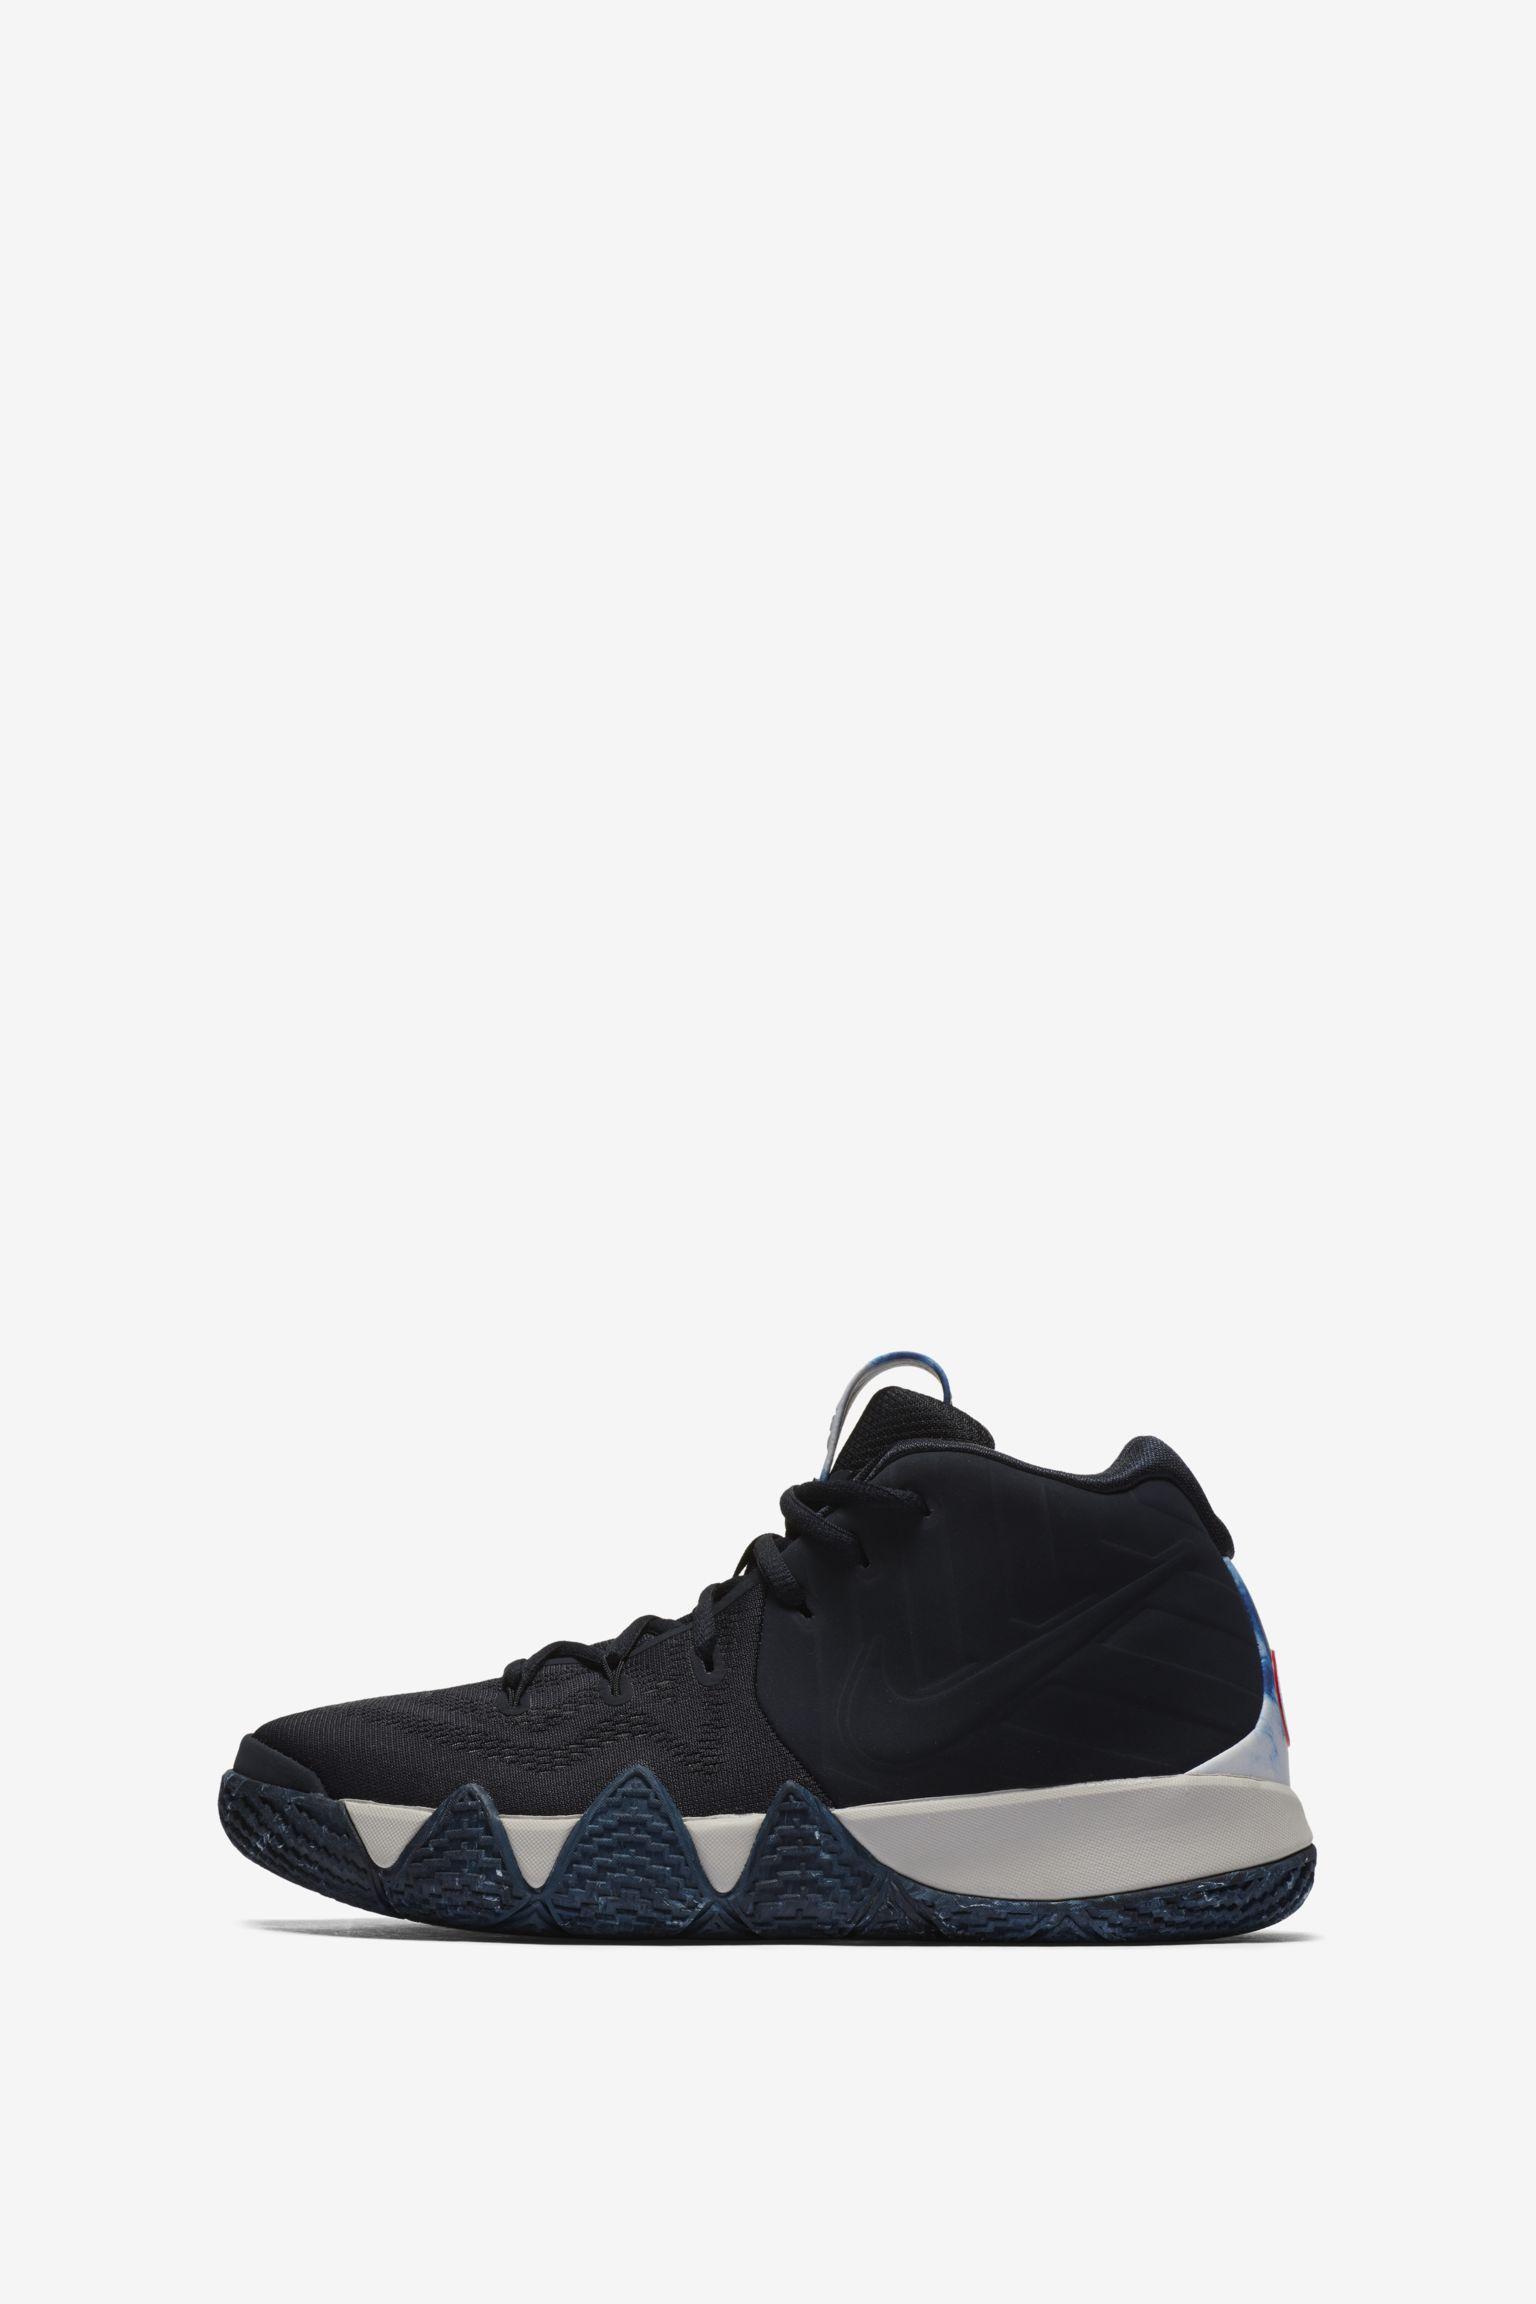 Nike Kyrie 4 'N7' 2018 Release Date